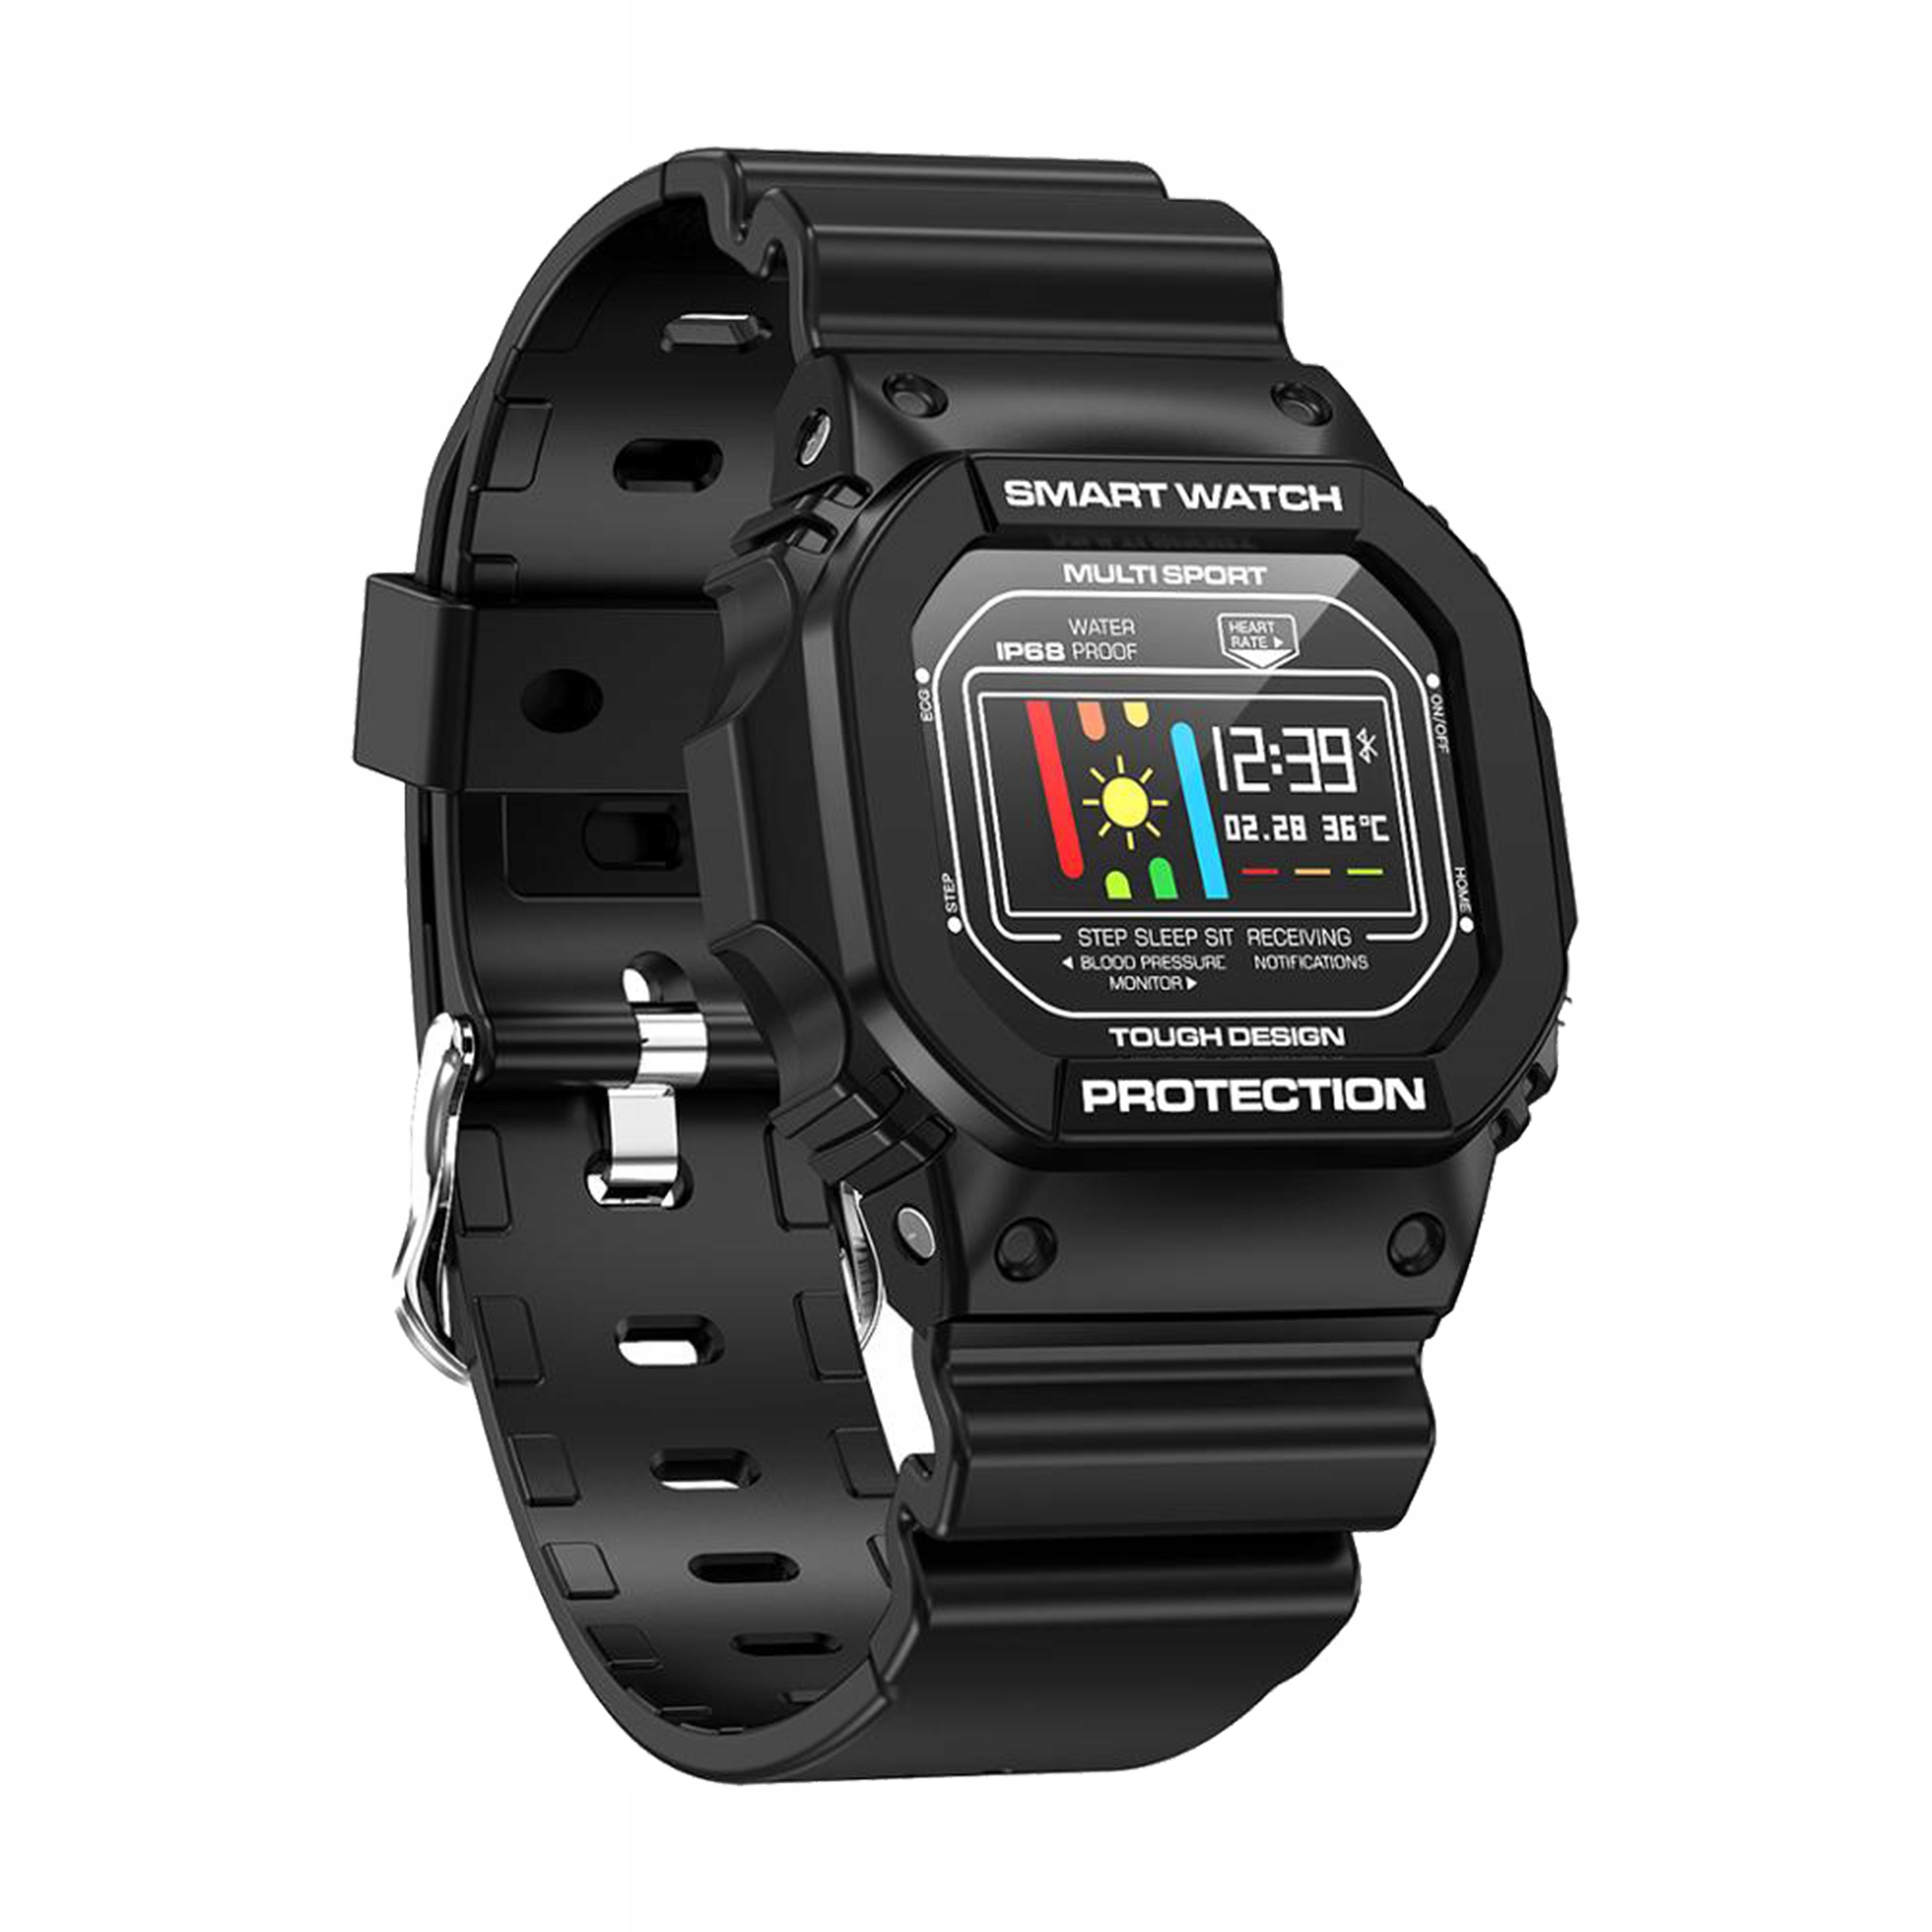 Smartwatch RETRO Dizajn Smartband EKG, tep, Kroky